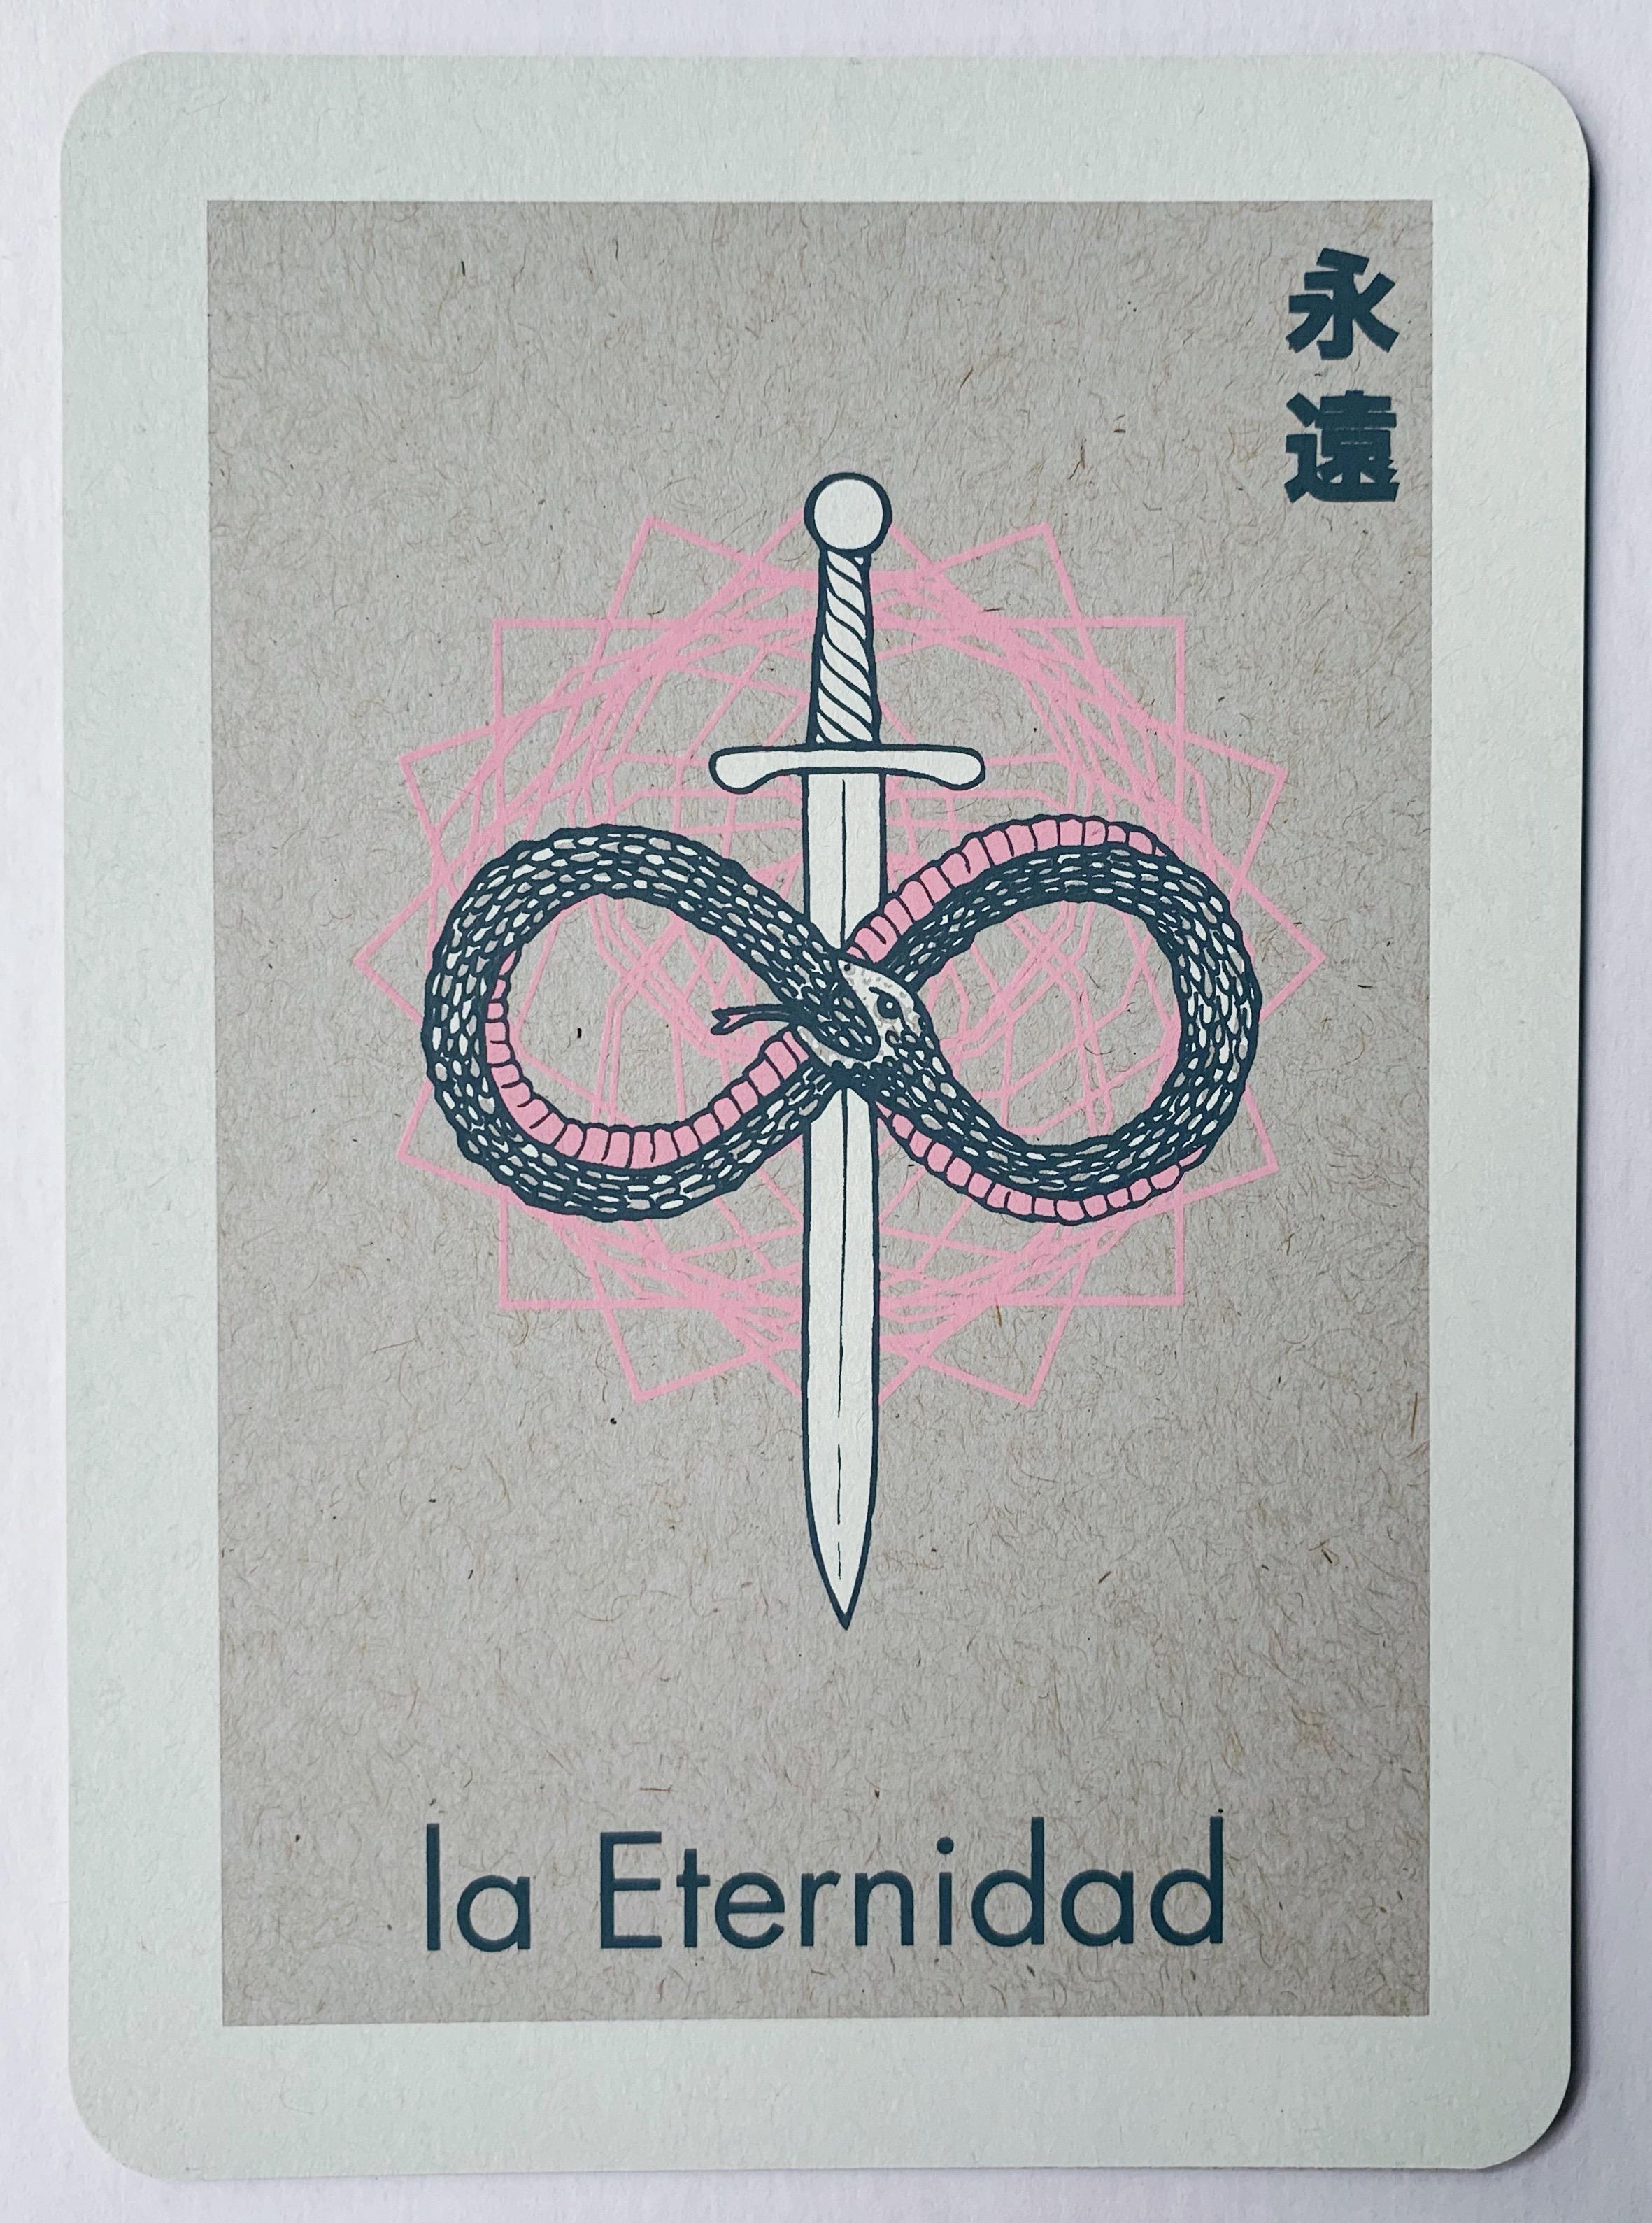 la Eternidad, serigraphy, 2017